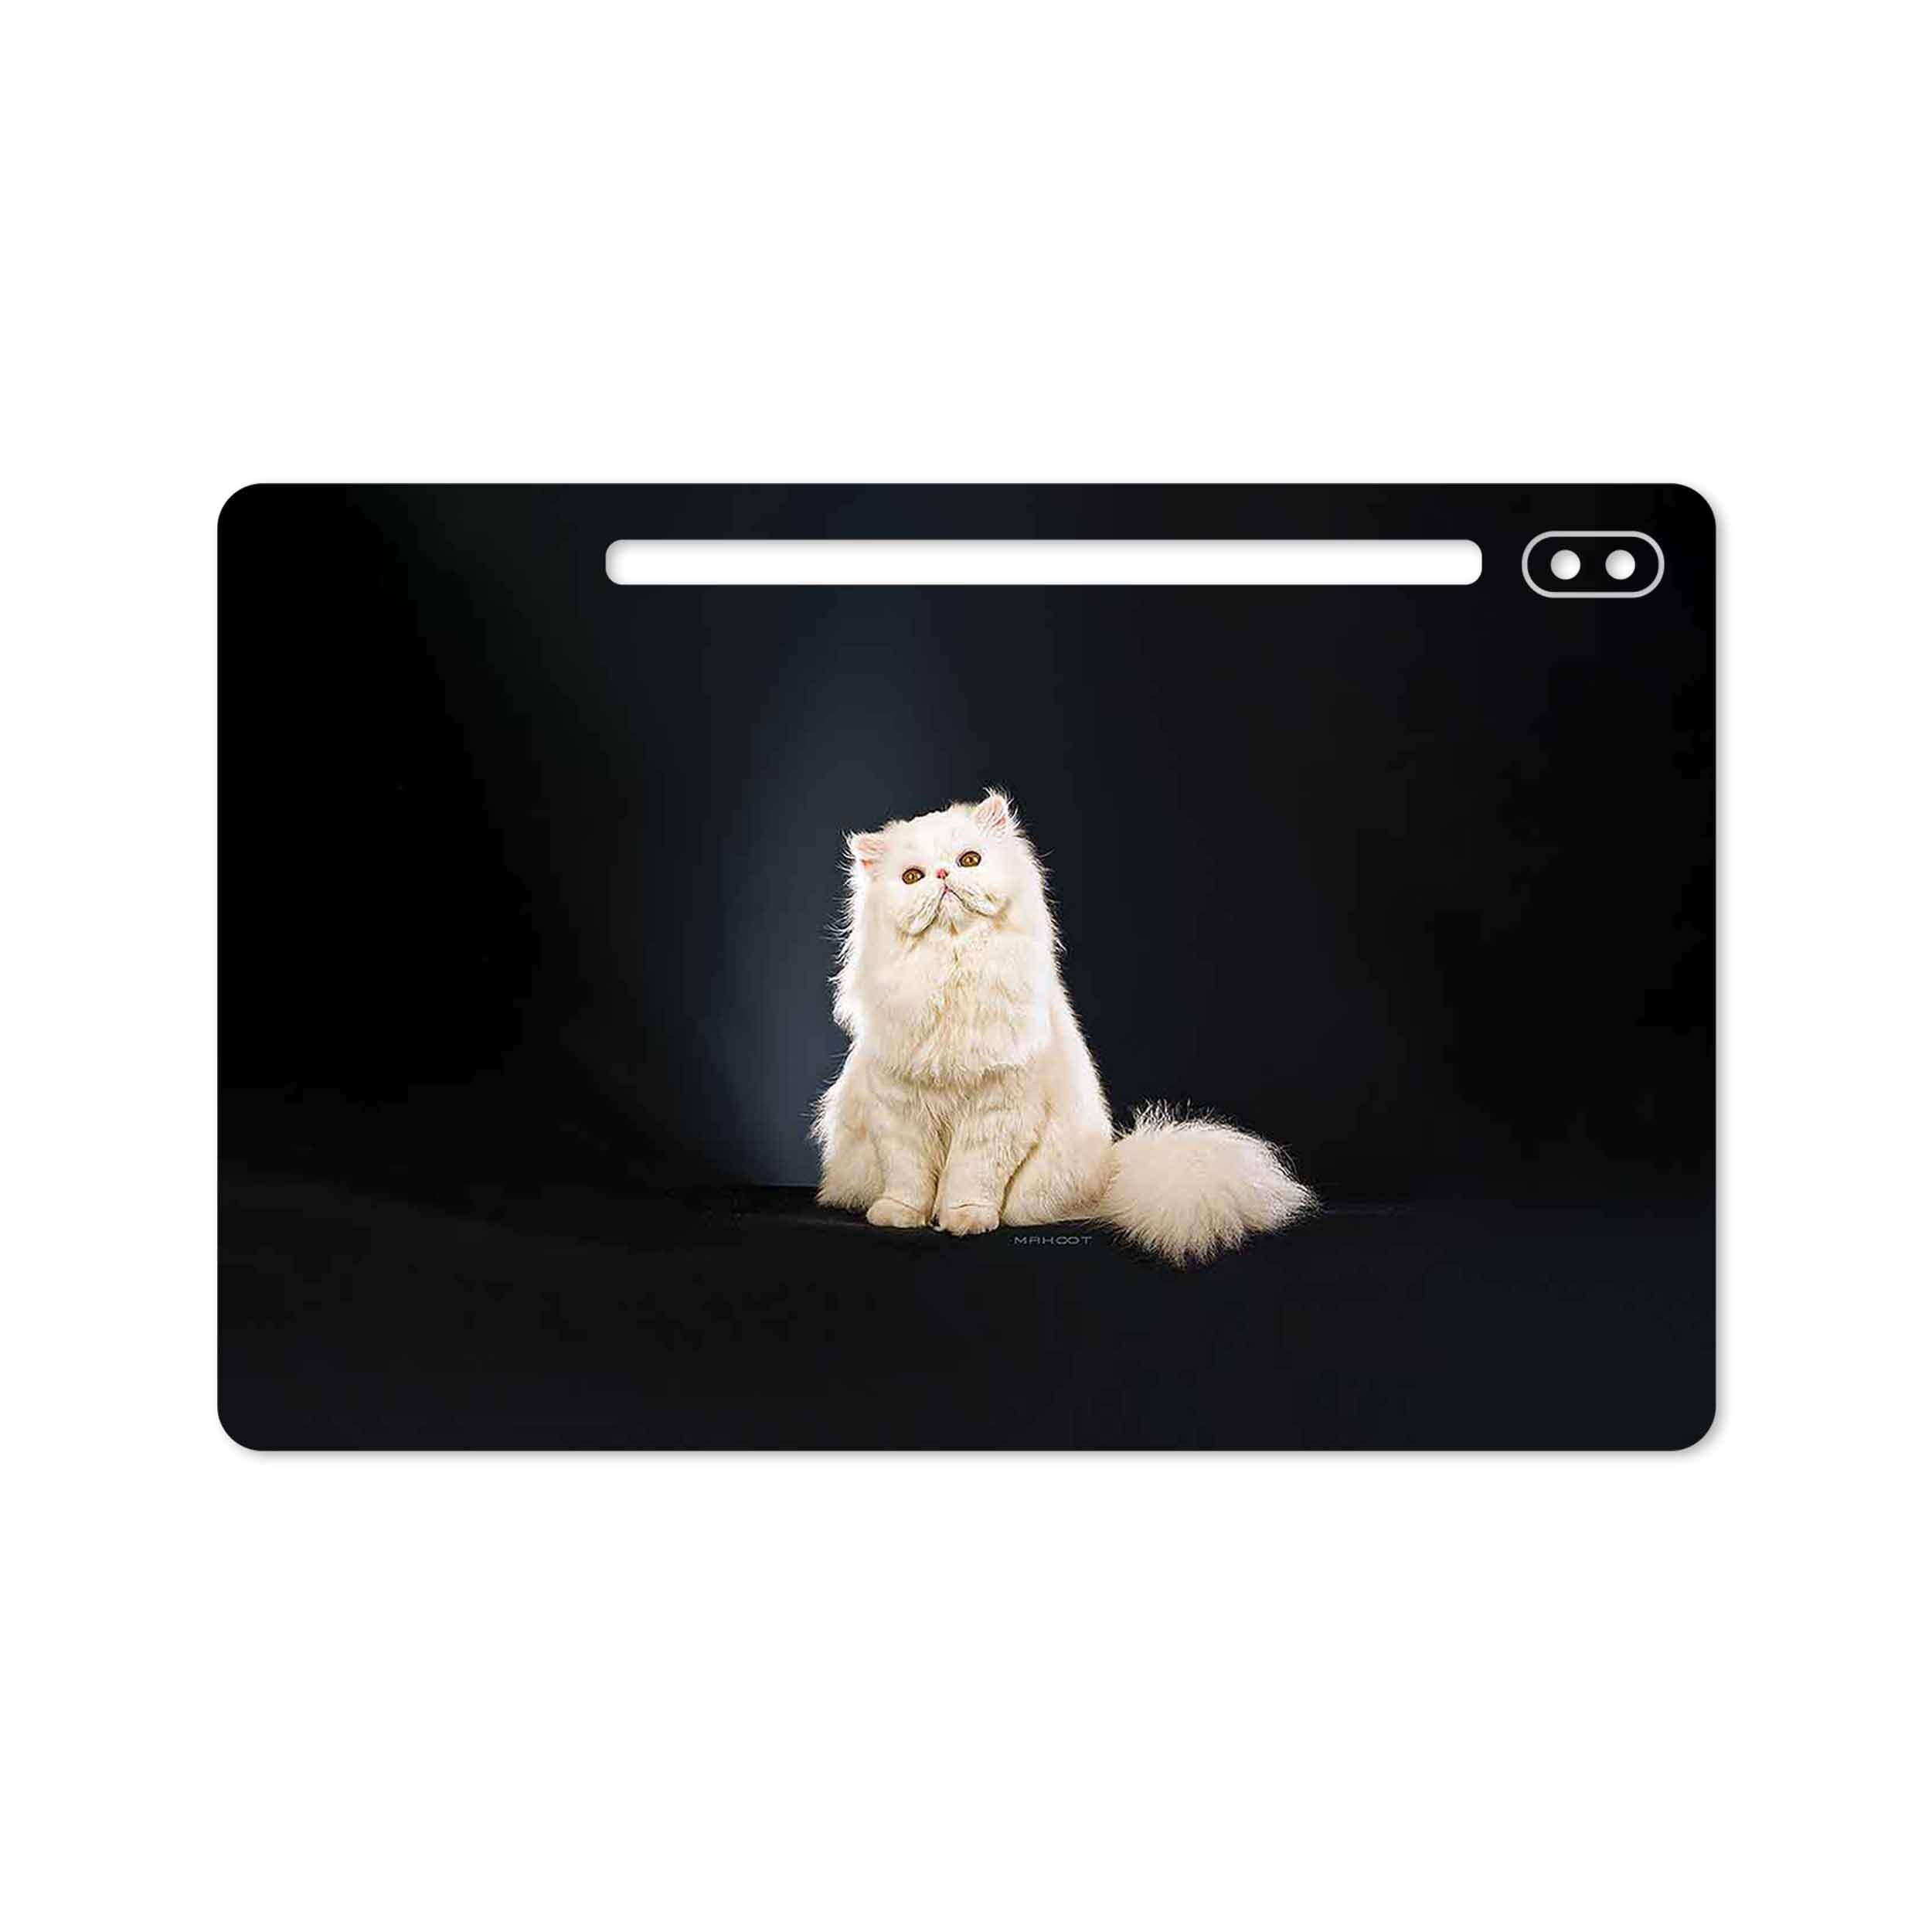 بررسی و خرید [با تخفیف]                                     برچسب پوششی ماهوت مدل Persian cat مناسب برای تبلت سامسونگ Galaxy Tab S6 2019 SM-T865                             اورجینال